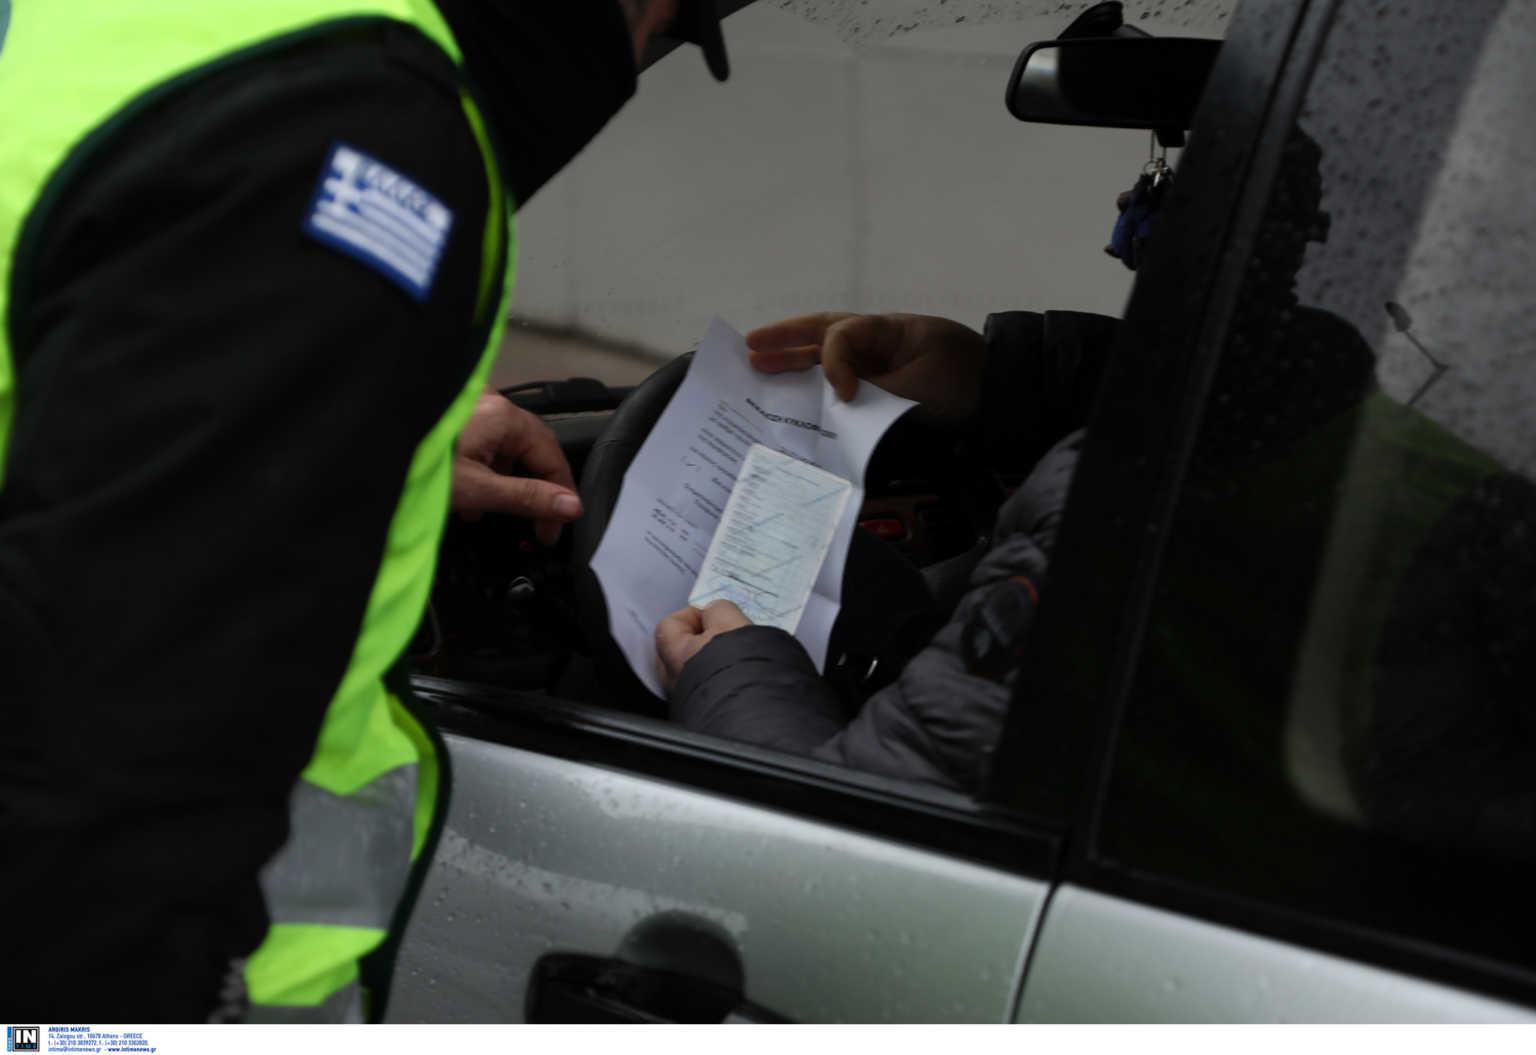 Απαγόρευση κυκλοφορίας: Είδαν ήλιο και… ξεθάρρεψαν – Πάνω από 500 παραβάσεις μέχρι το Σάββατο το μεσημέρι